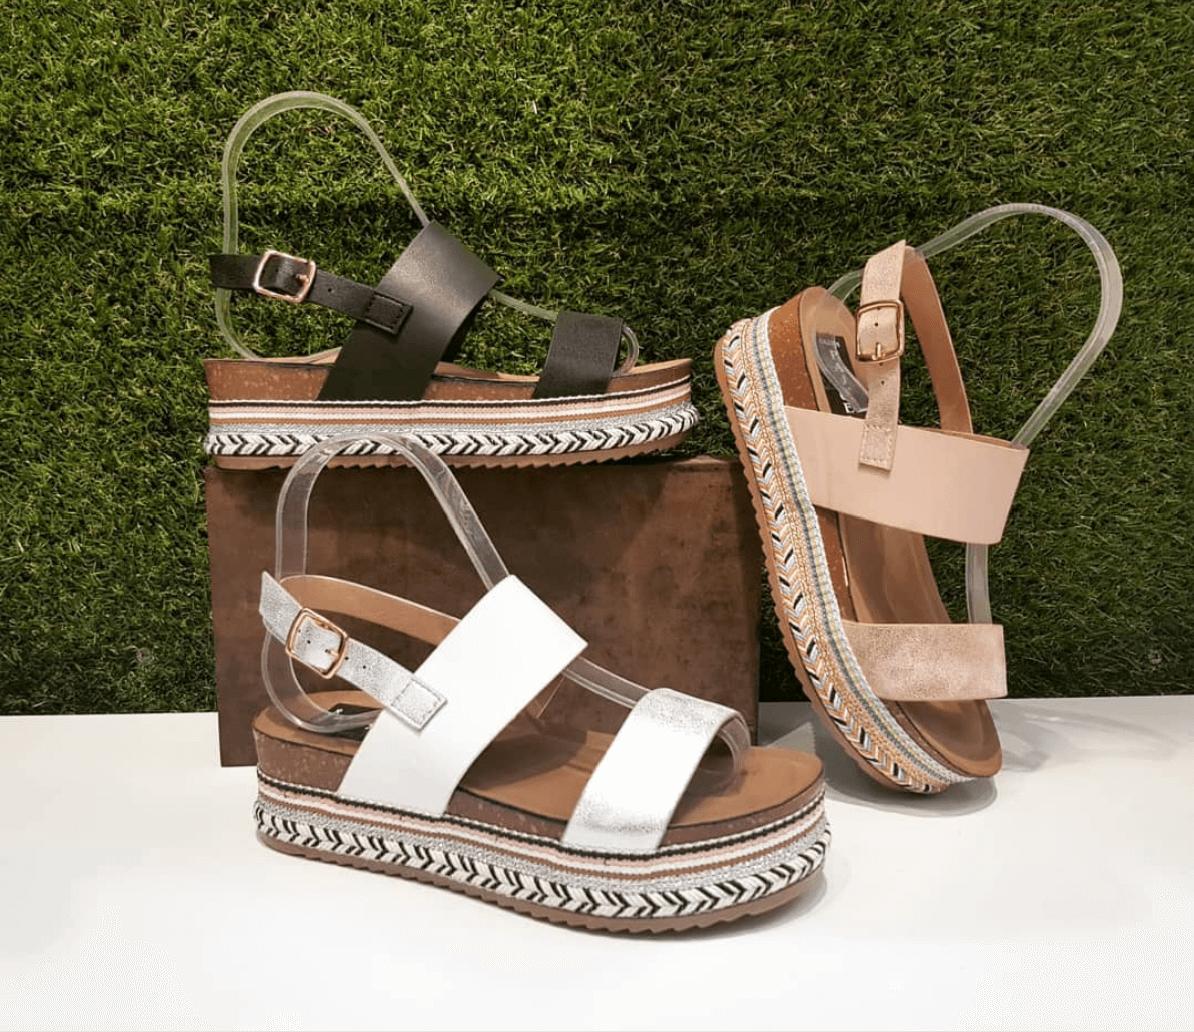 Platform sandals summer fashion trends